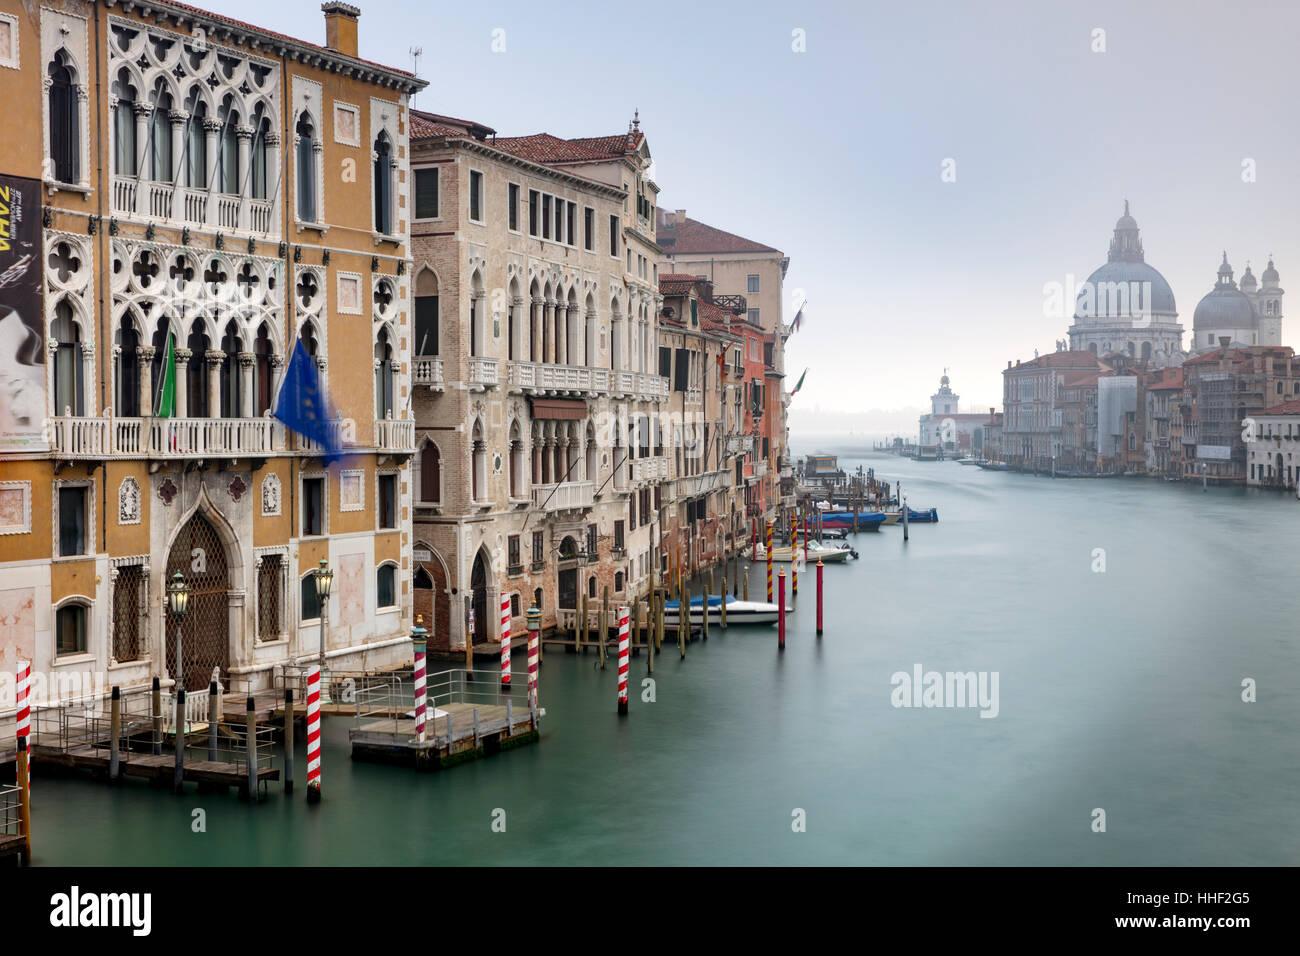 Misty dawn sobre el Gran Canal, Santa Maria della Salute y edificios de Venecia, Véneto, Italia Imagen De Stock